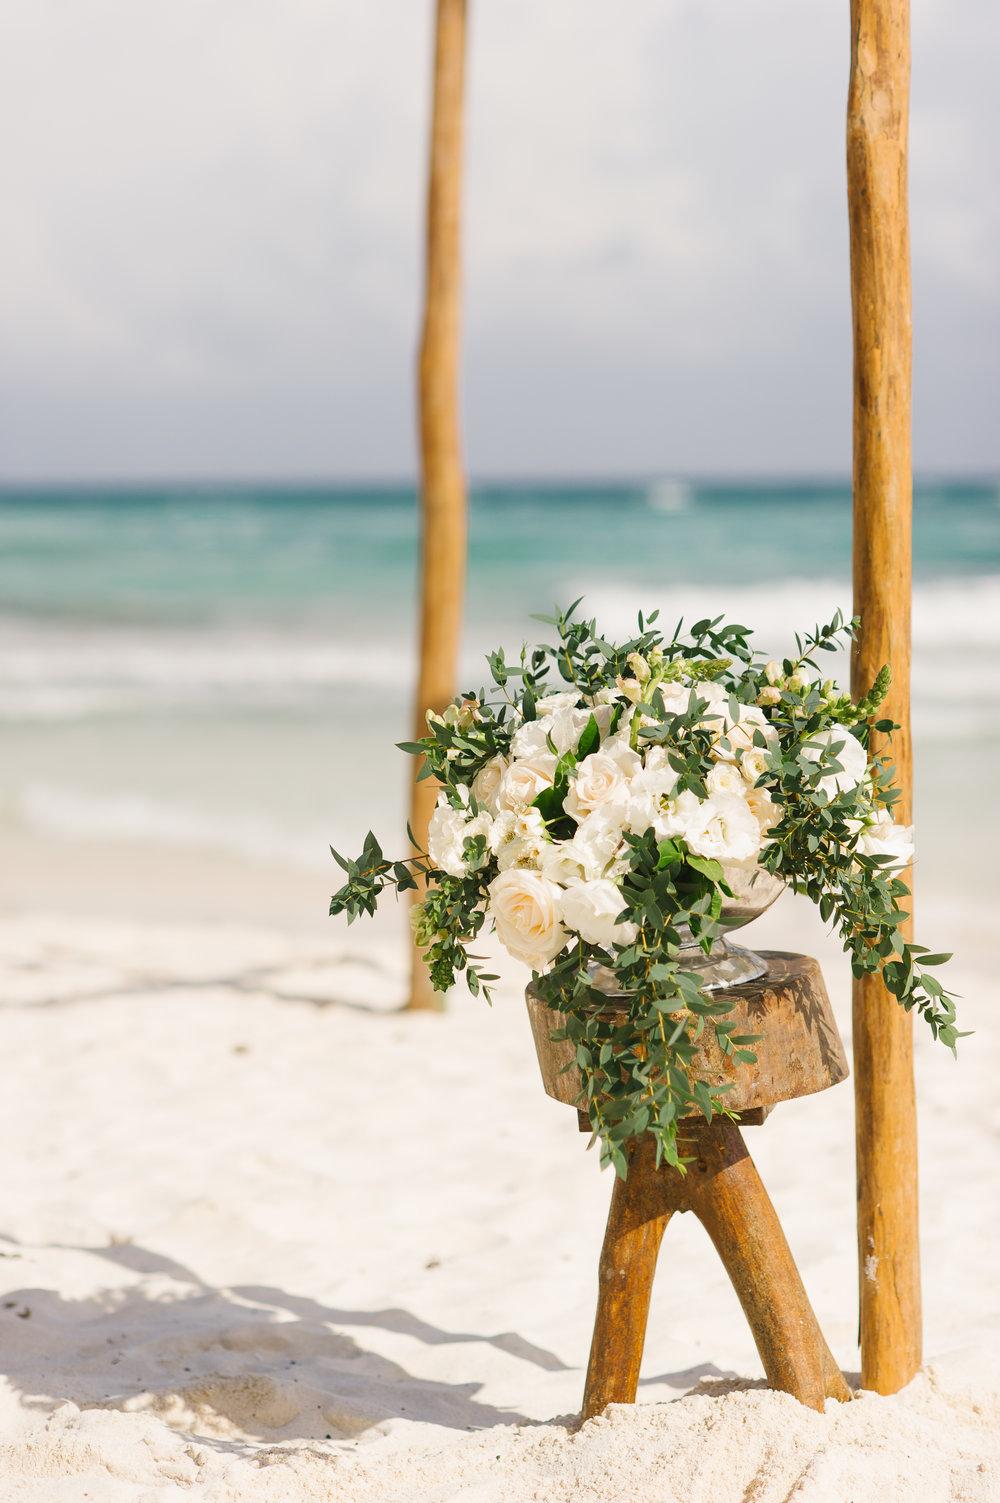 Beach Ceremony - www.theeventeur.com